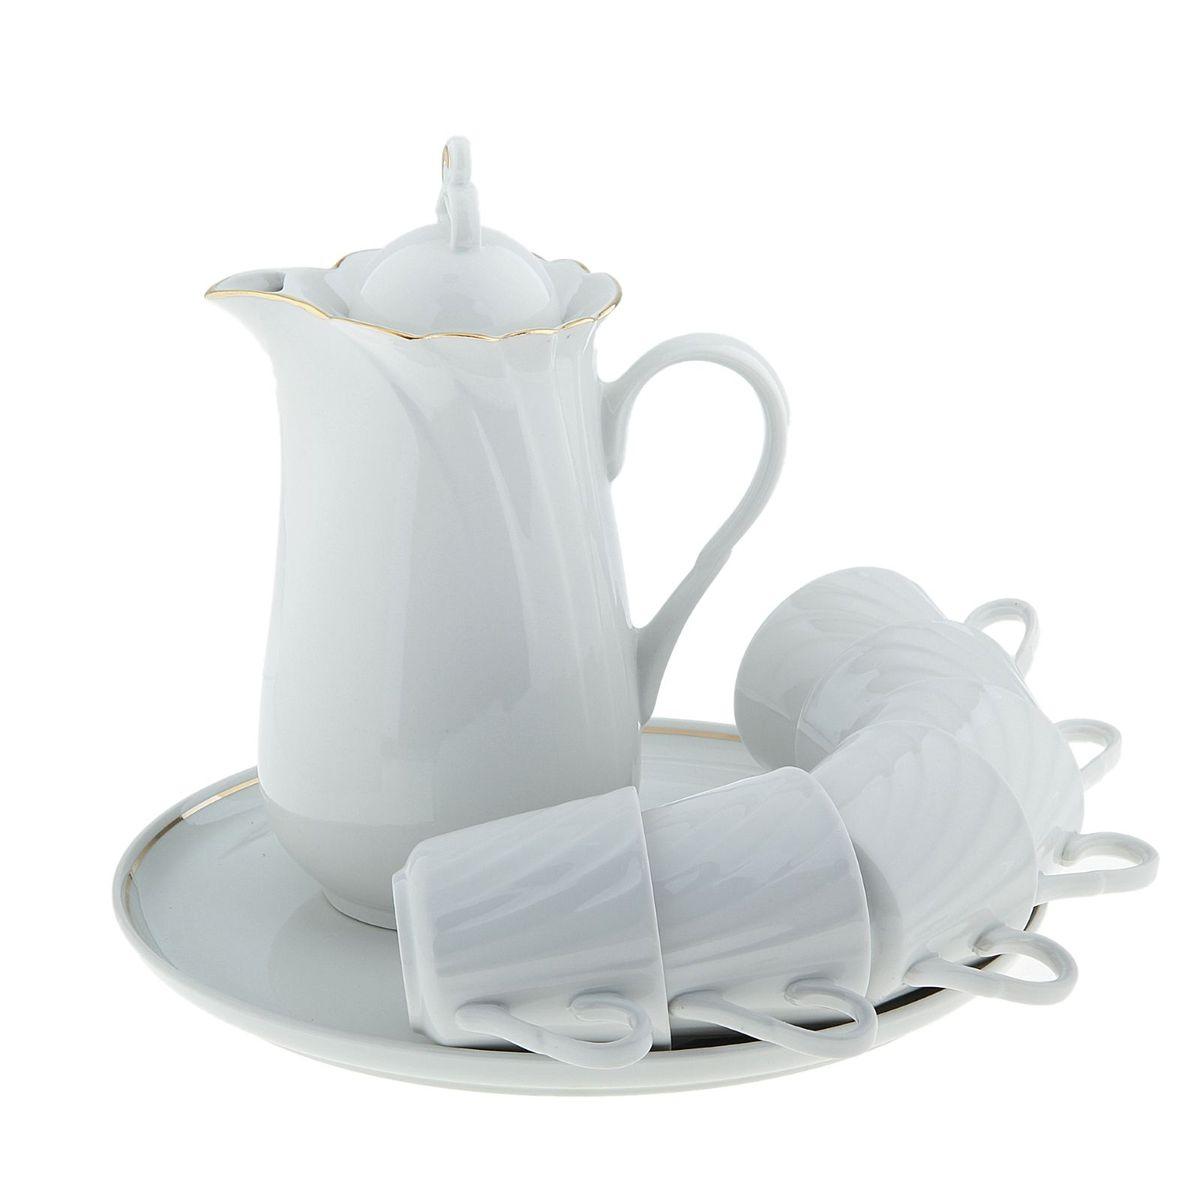 Набор питьевой Голубка, 8 предметов507877кувшин 1300 мл, 1 шт.; чайная чашка 220 мл, 6 шт.; блюдо для закусок 300 мм, 1 шт.